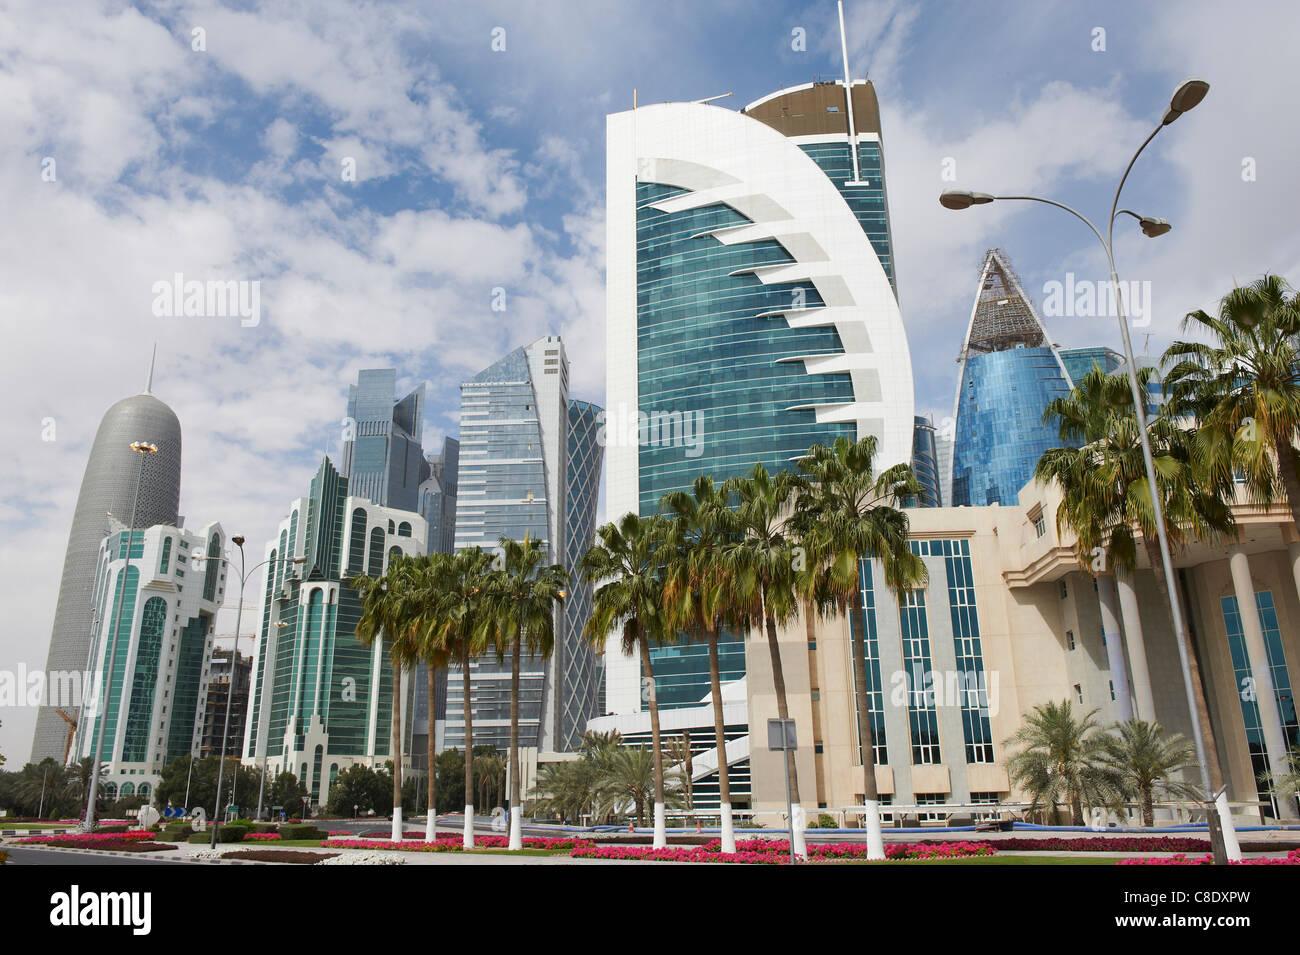 Gratte-ciel de nouveaux bâtiments dans le centre-ville Doha Qatar Photo Stock